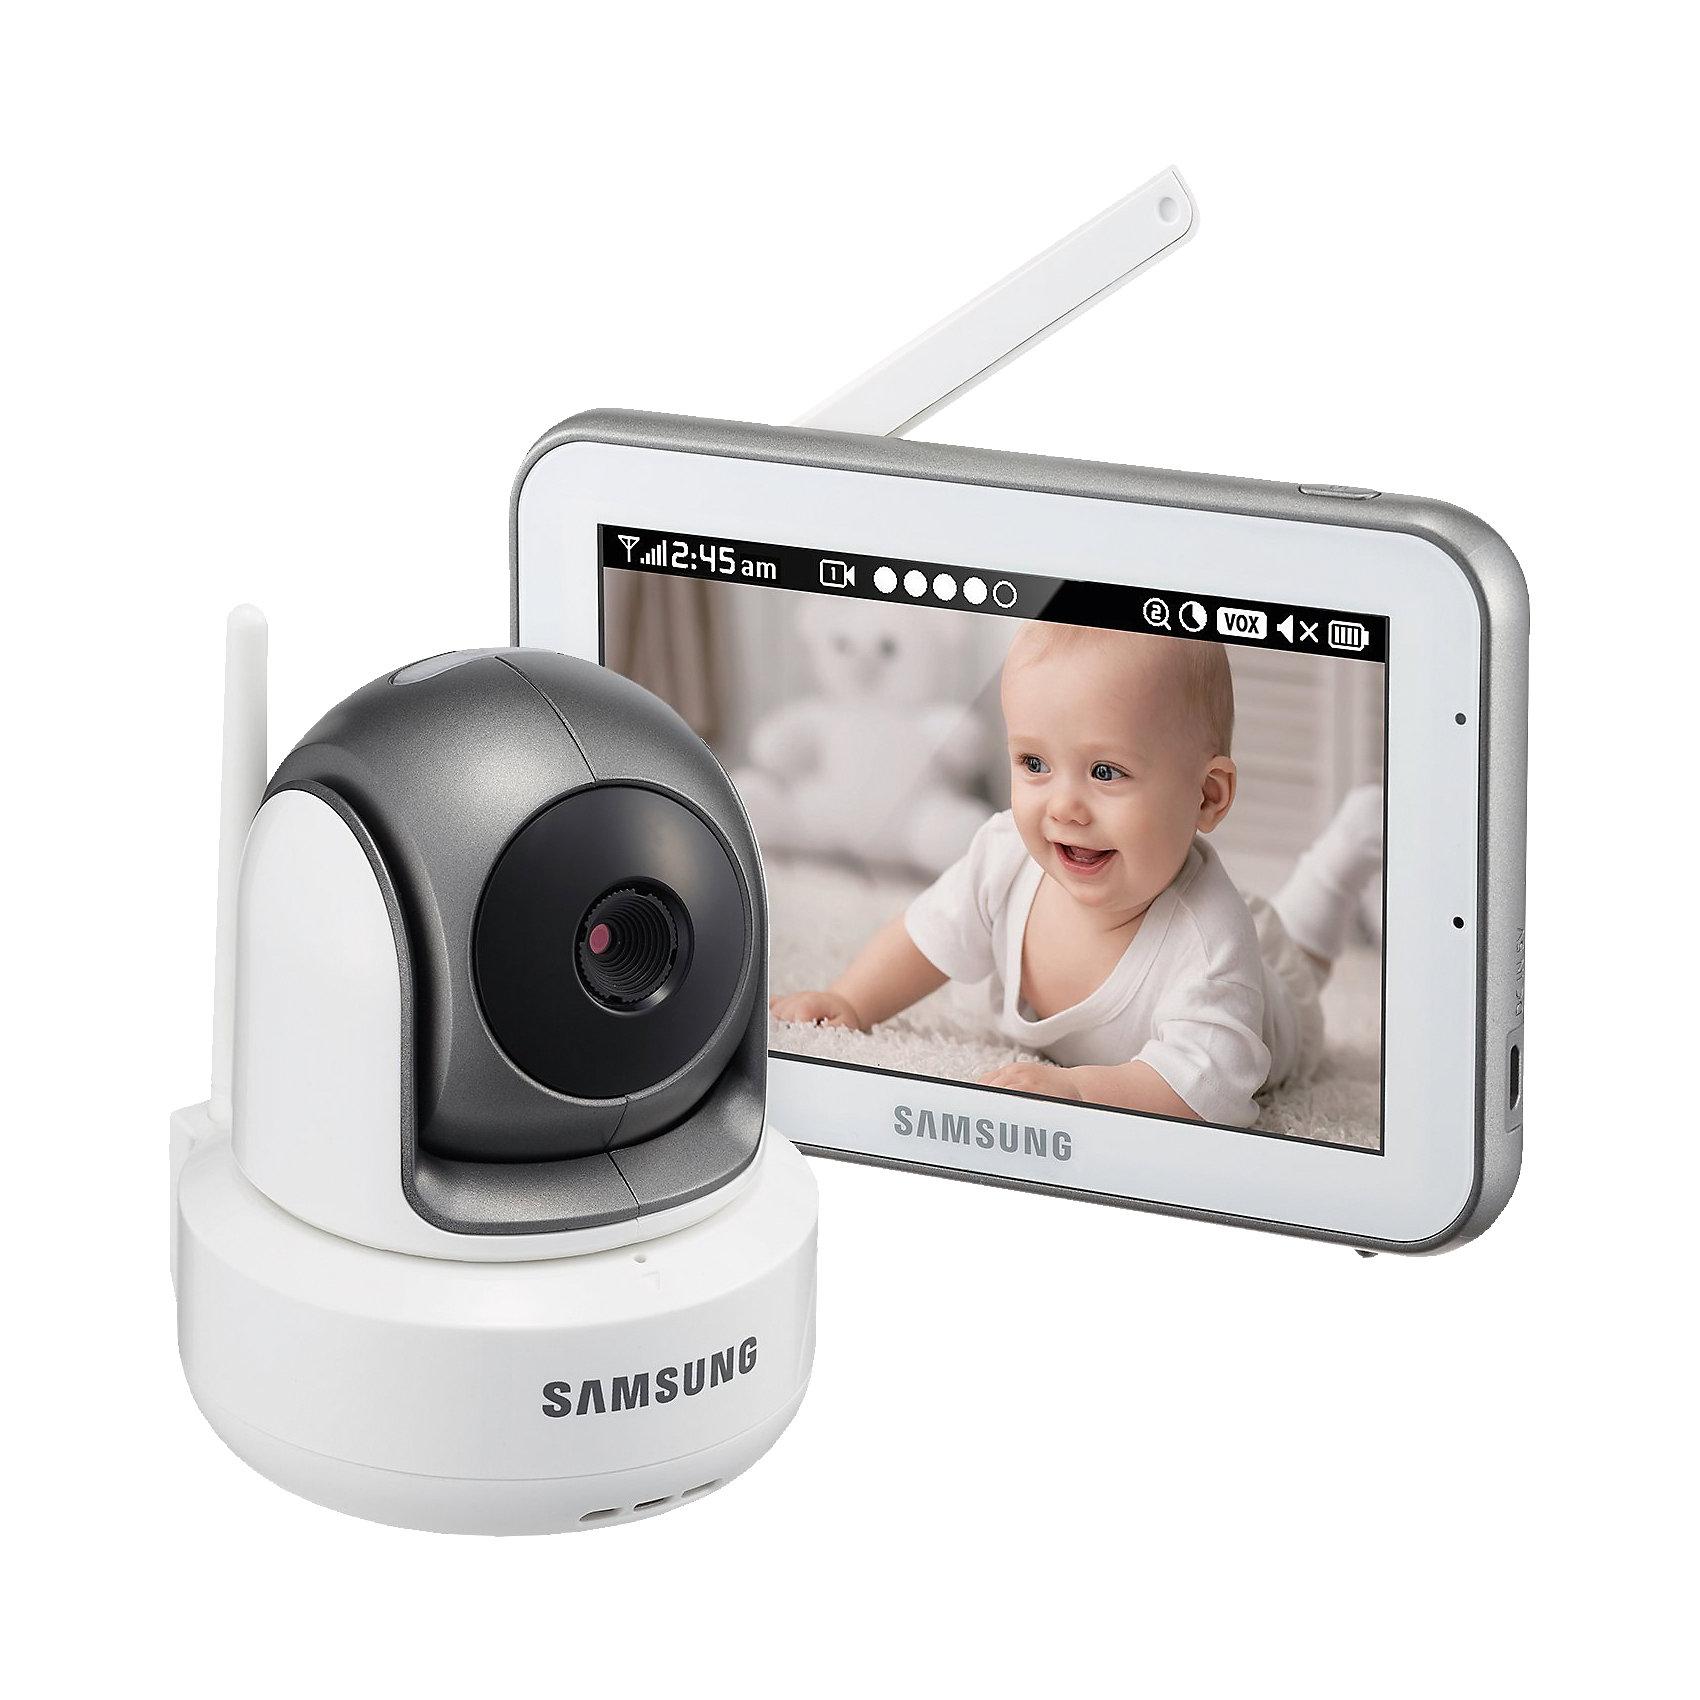 Видеоняня  с поворотной камерой Sew-3043, SamsungЦифровая, дальность 300 м. Высокое качество изображения и звука. Камера HD 720p. Монитор 800х480px. Поворотная камера угол поворота по ширине 300 градусов, по высоте 110. Дисплей 12,7 см (5 дюймов). Сенсорный экран. Двухсторонняя связь, колыбельные, VOX, ночное видение. Подавление помех.<br><br>Ширина мм: 250<br>Глубина мм: 120<br>Высота мм: 250<br>Вес г: 1275<br>Цвет: черный/белый<br>Возраст от месяцев: 0<br>Возраст до месяцев: 12<br>Пол: Унисекс<br>Возраст: Детский<br>SKU: 4980596